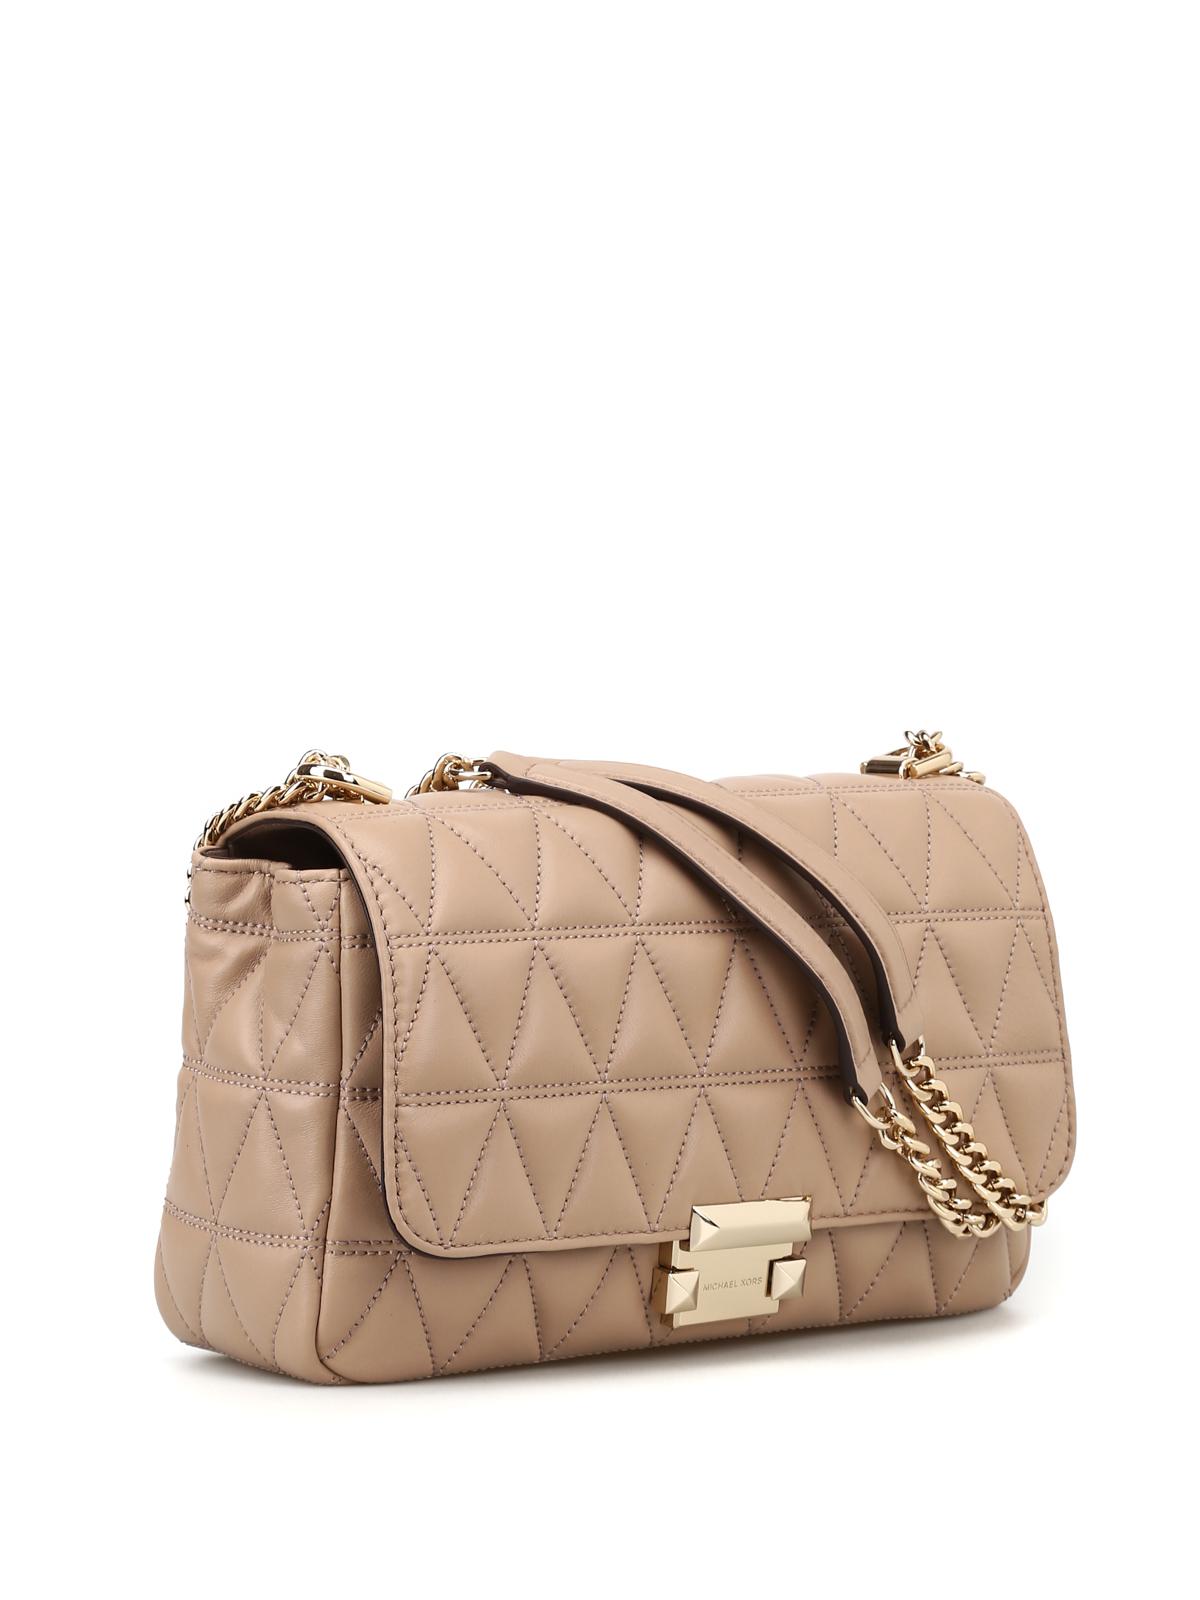 4c3dece2b986 MICHAEL KORS: shoulder bags online - Sloan large diamond quilted shoulder  bag